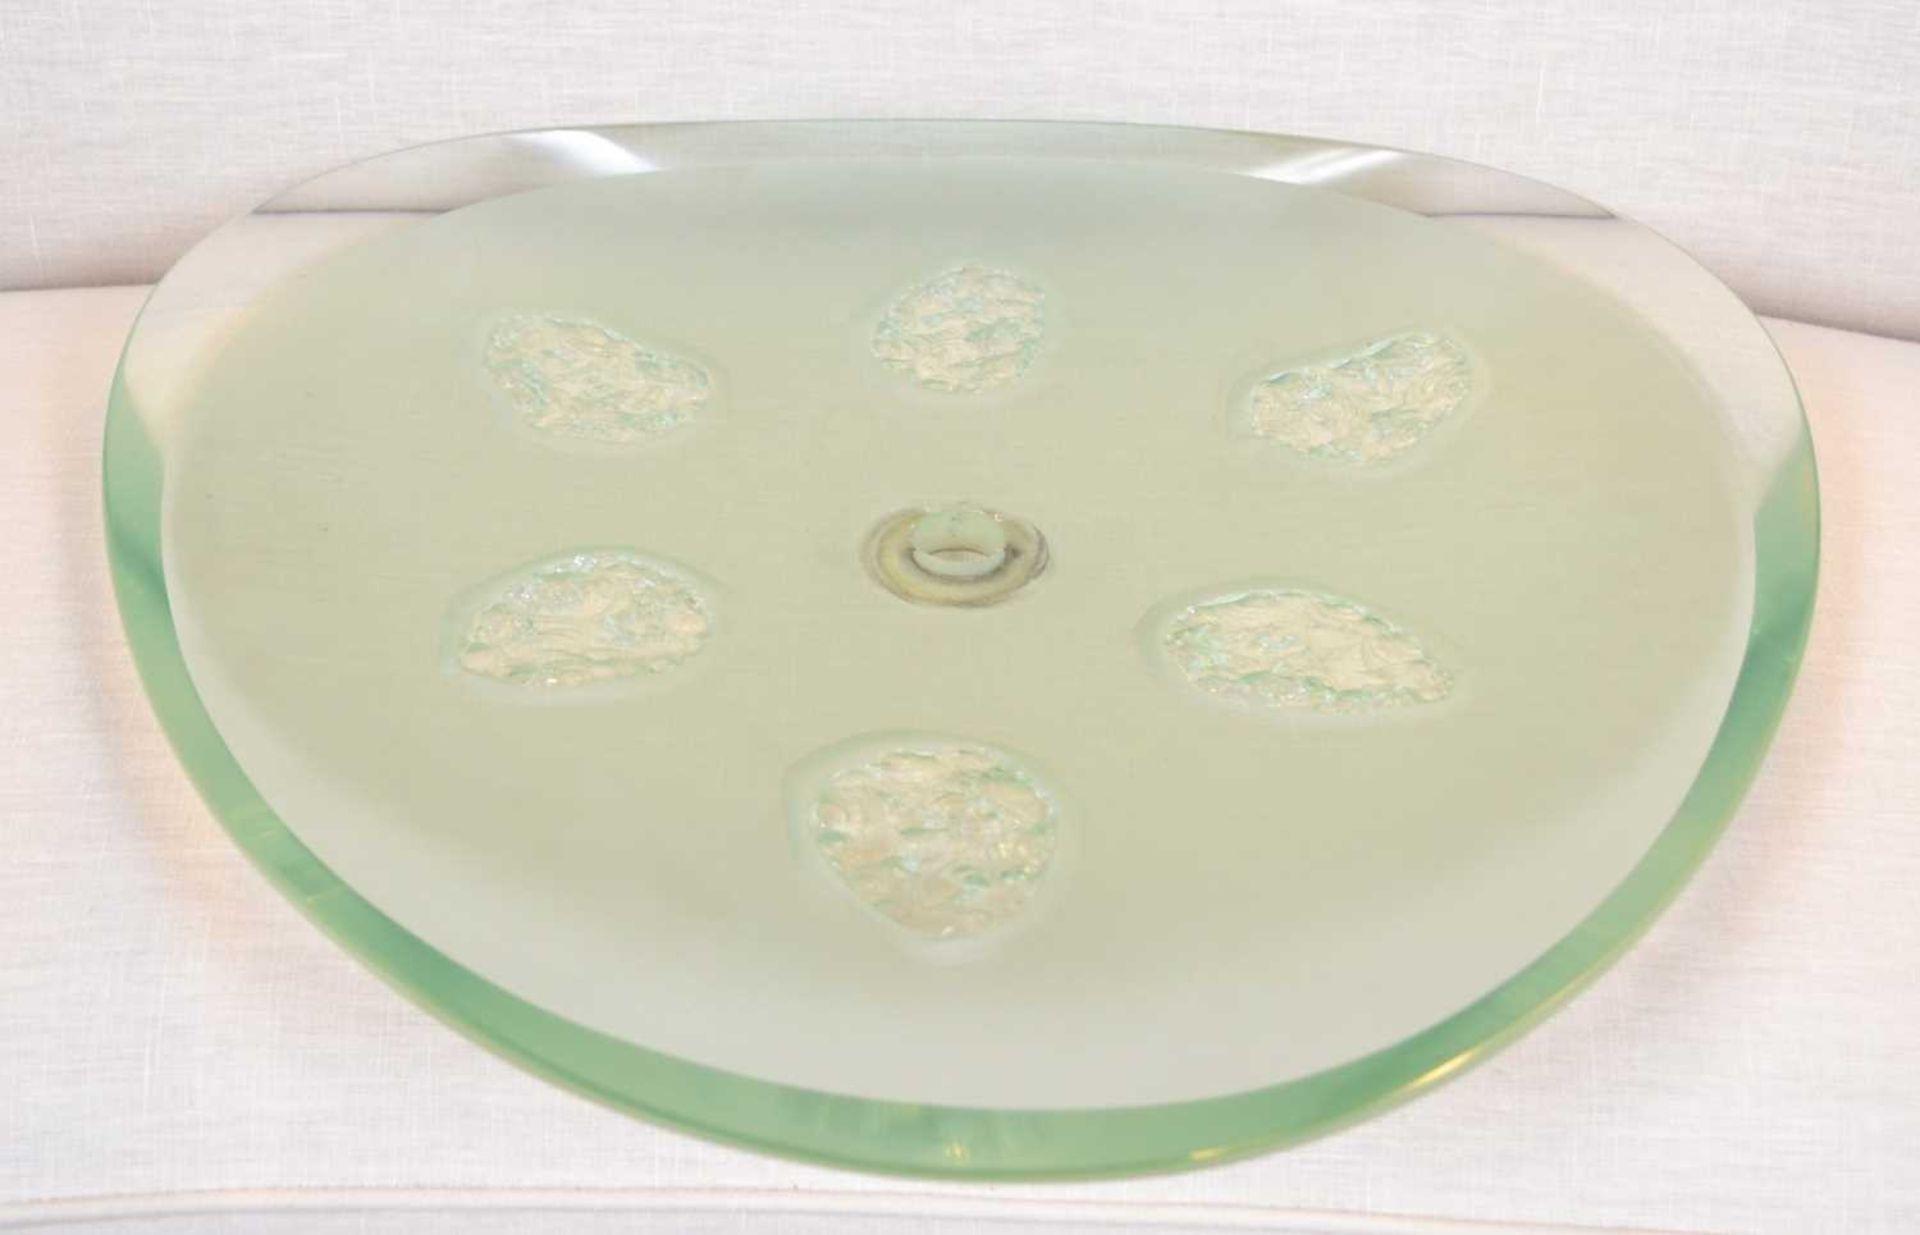 A Fontana Arte 'Model 1748' ceiling light, - Image 4 of 5